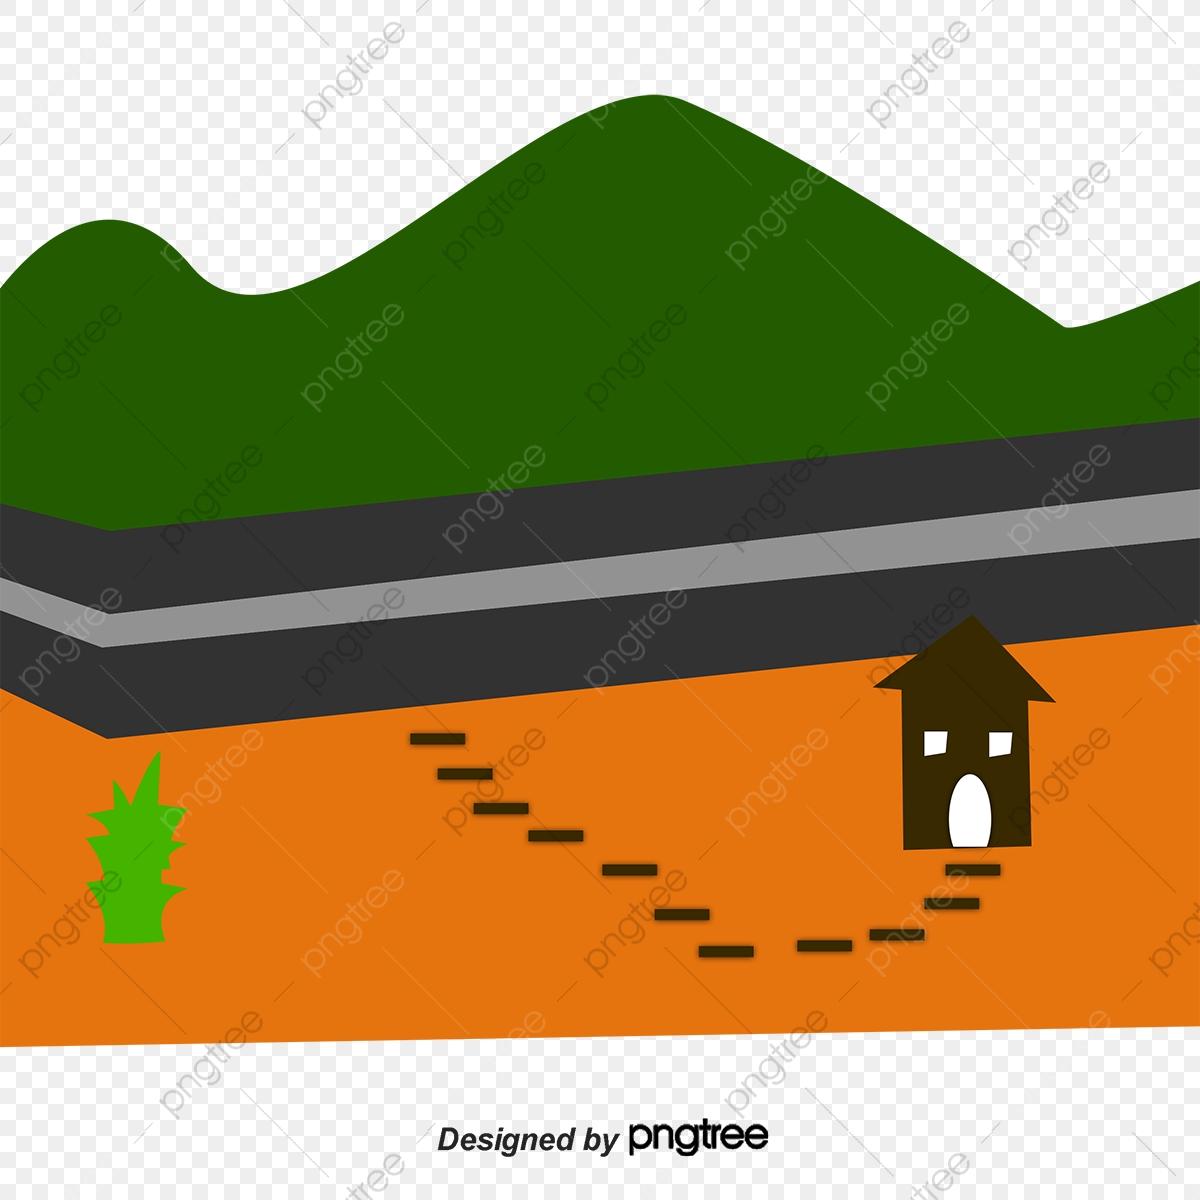 Green cartoon texture hillside. Hills clipart border